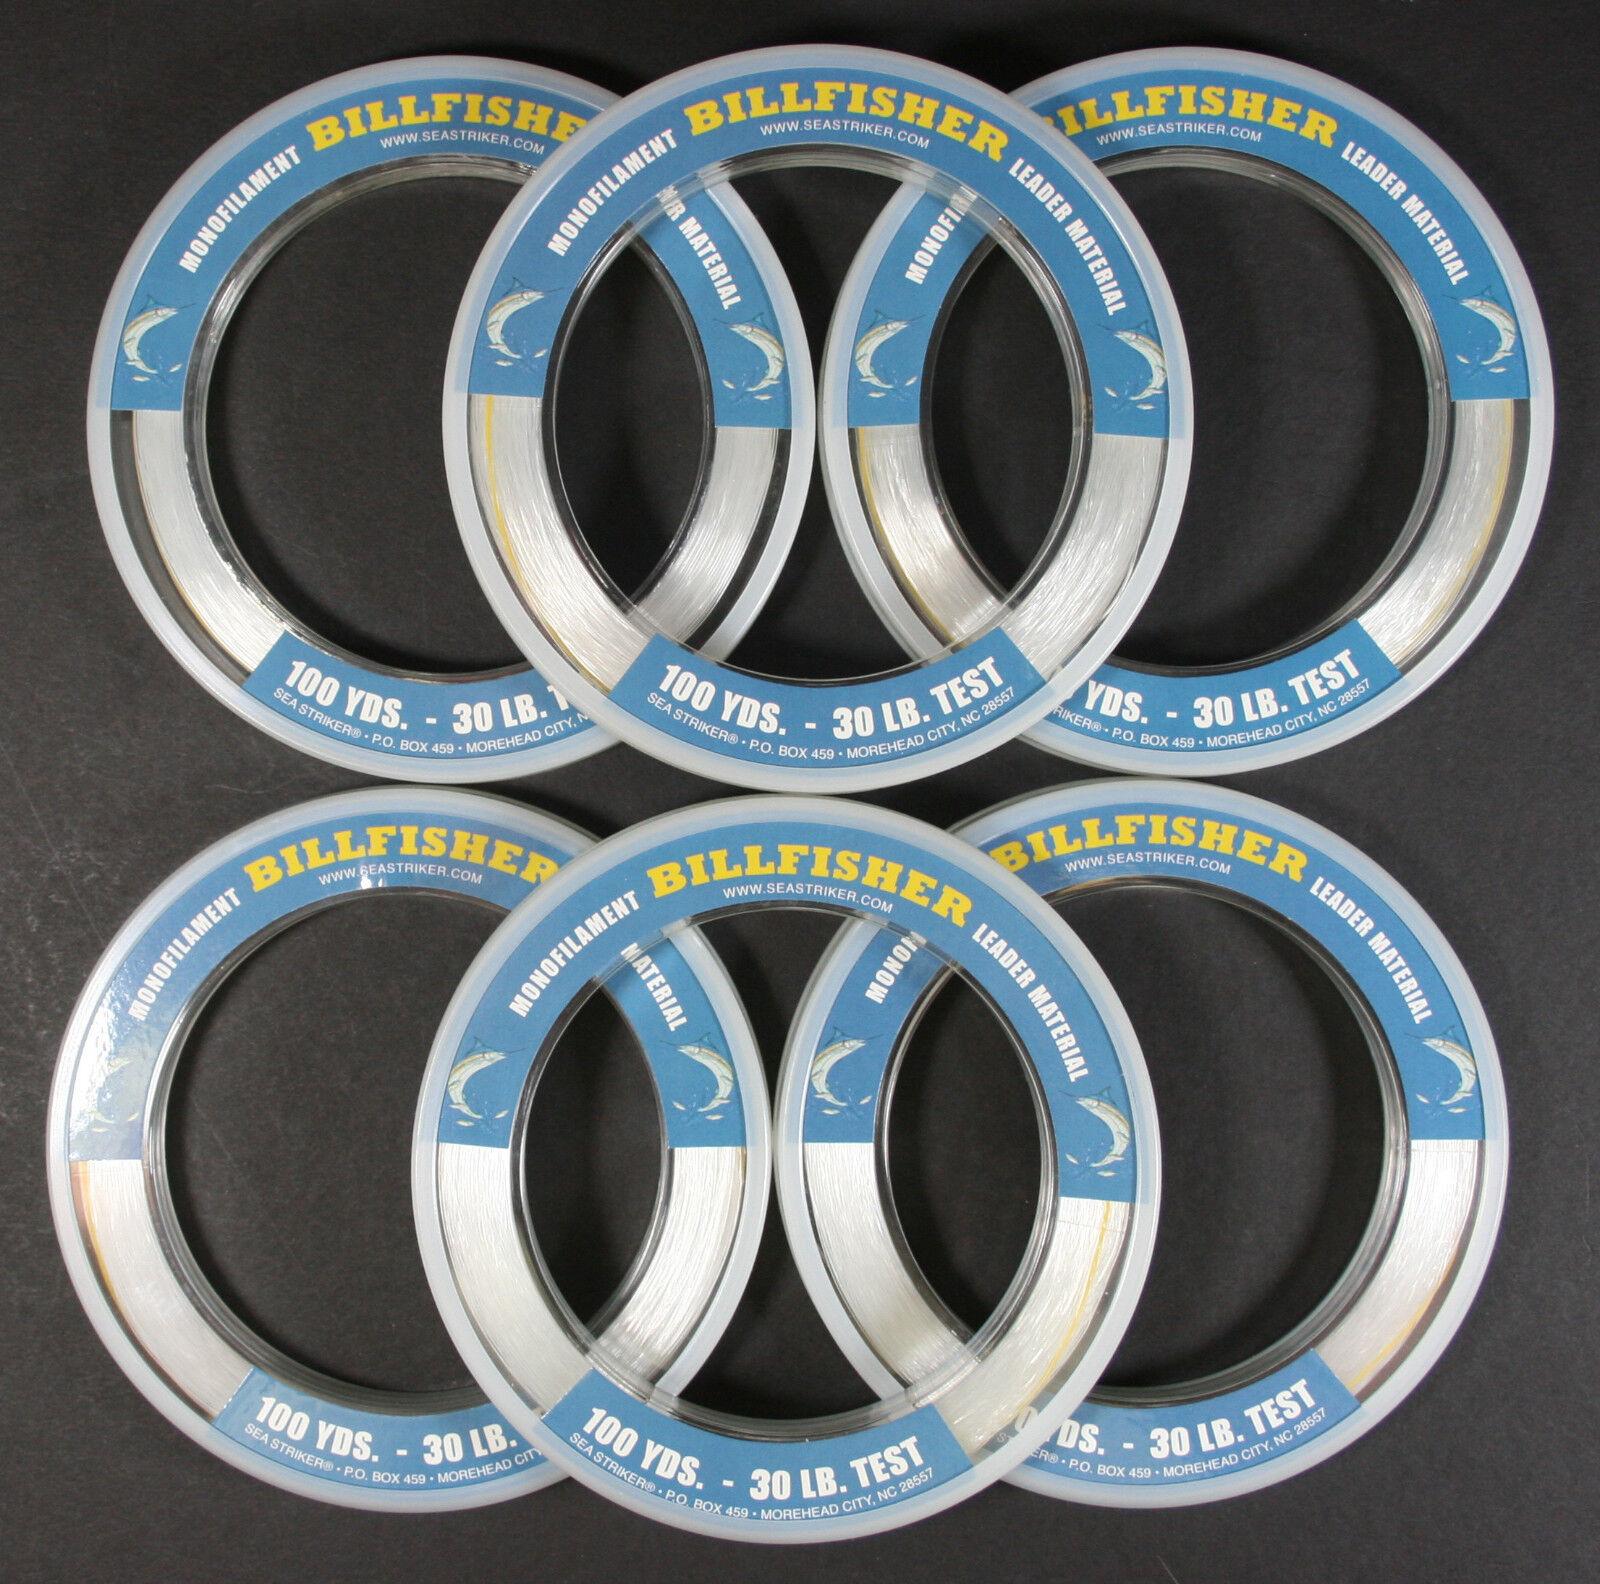 Sea Striker Billfisher Monofilament  Leader Bracelet 30 Lb Test 100 Yds LOT OF 6  high discount